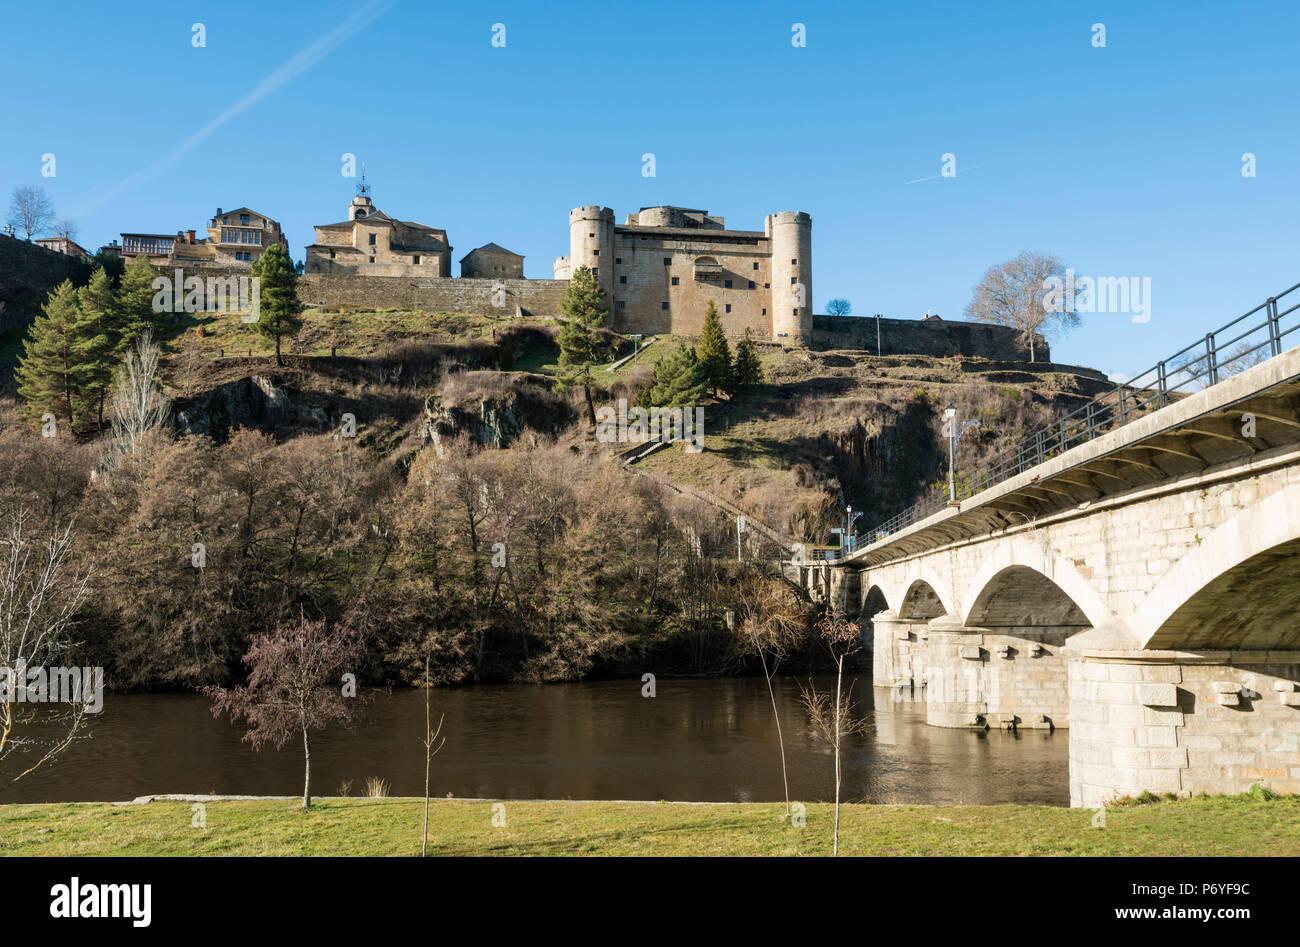 The Tera river and the castle of Puebla de Sanabria. Castilla y Leon, Spain - Stock Image